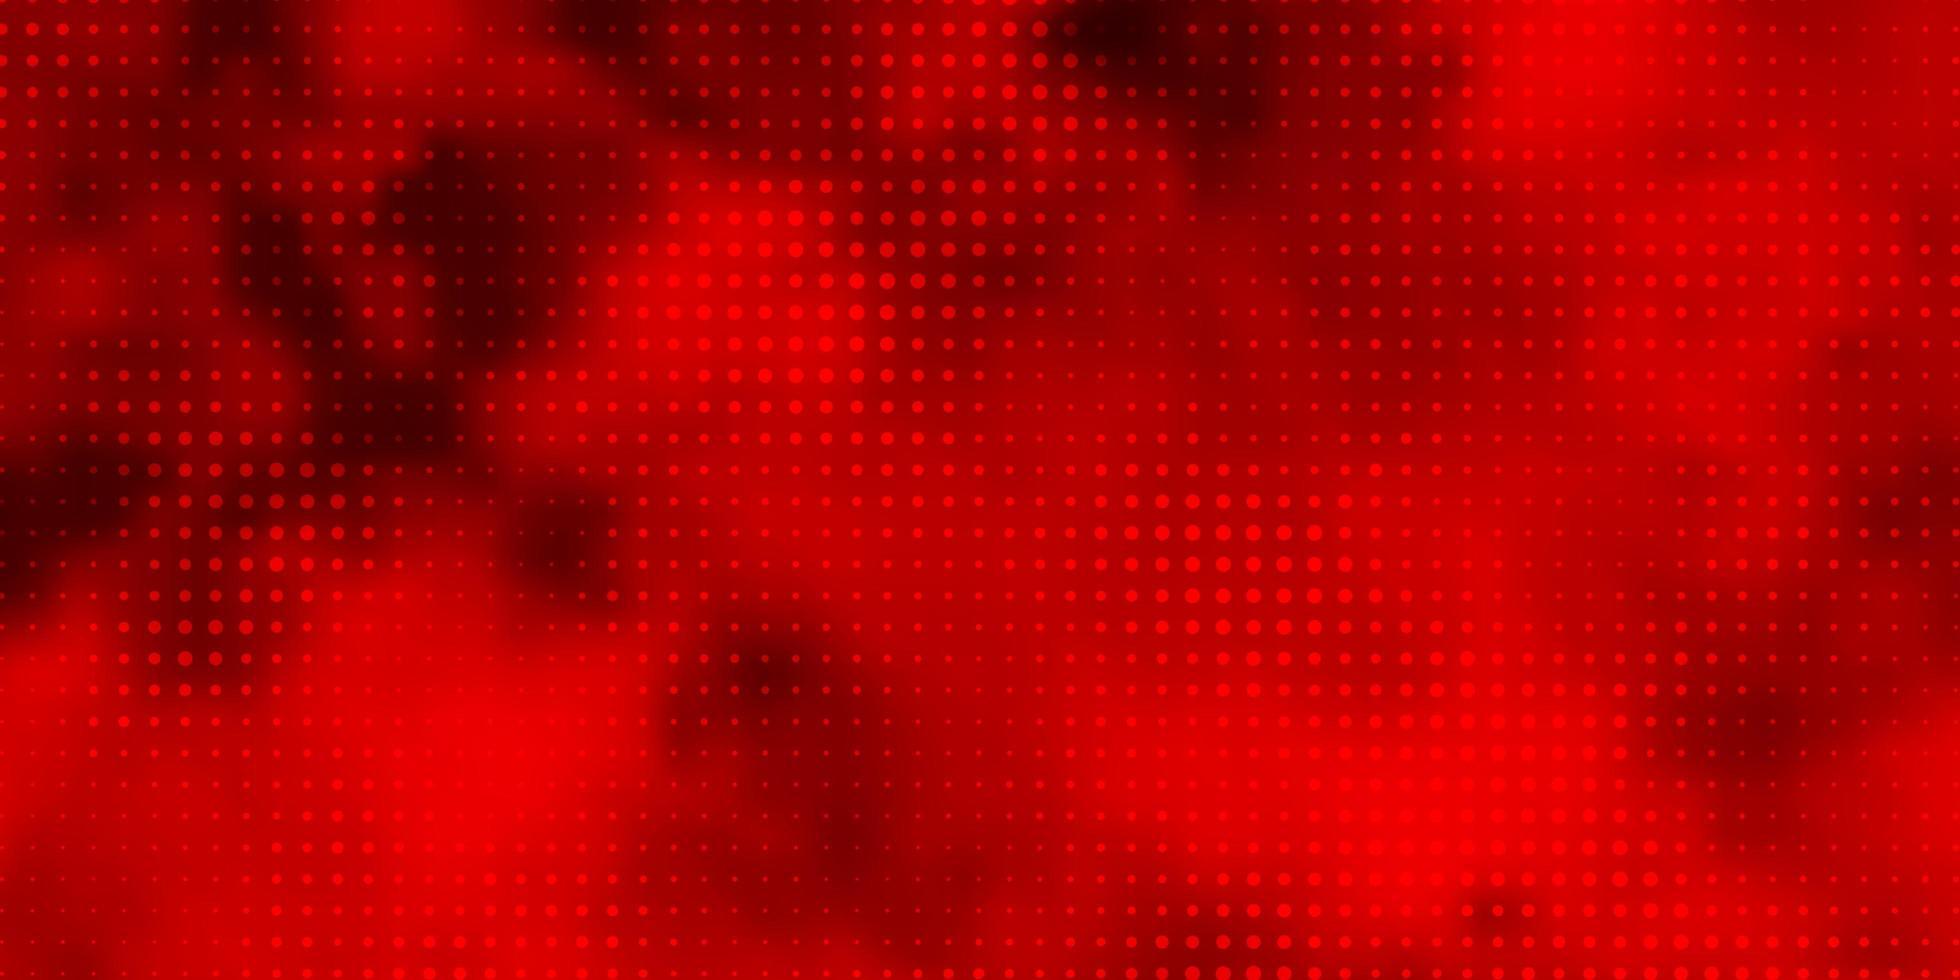 sfondo vettoriale rosso chiaro con cerchi.